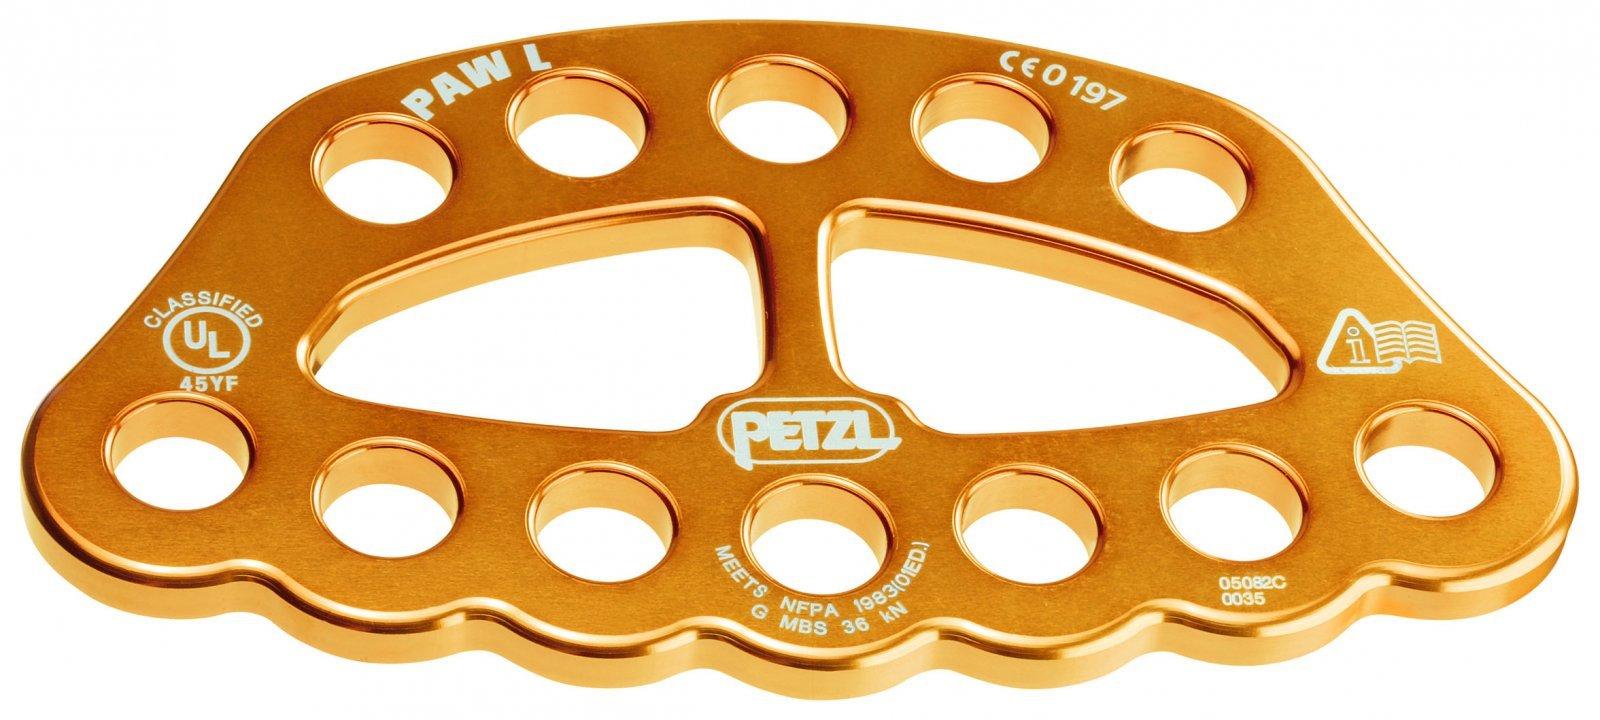 Petzl Paw Aluminum (12 Hole) 2020